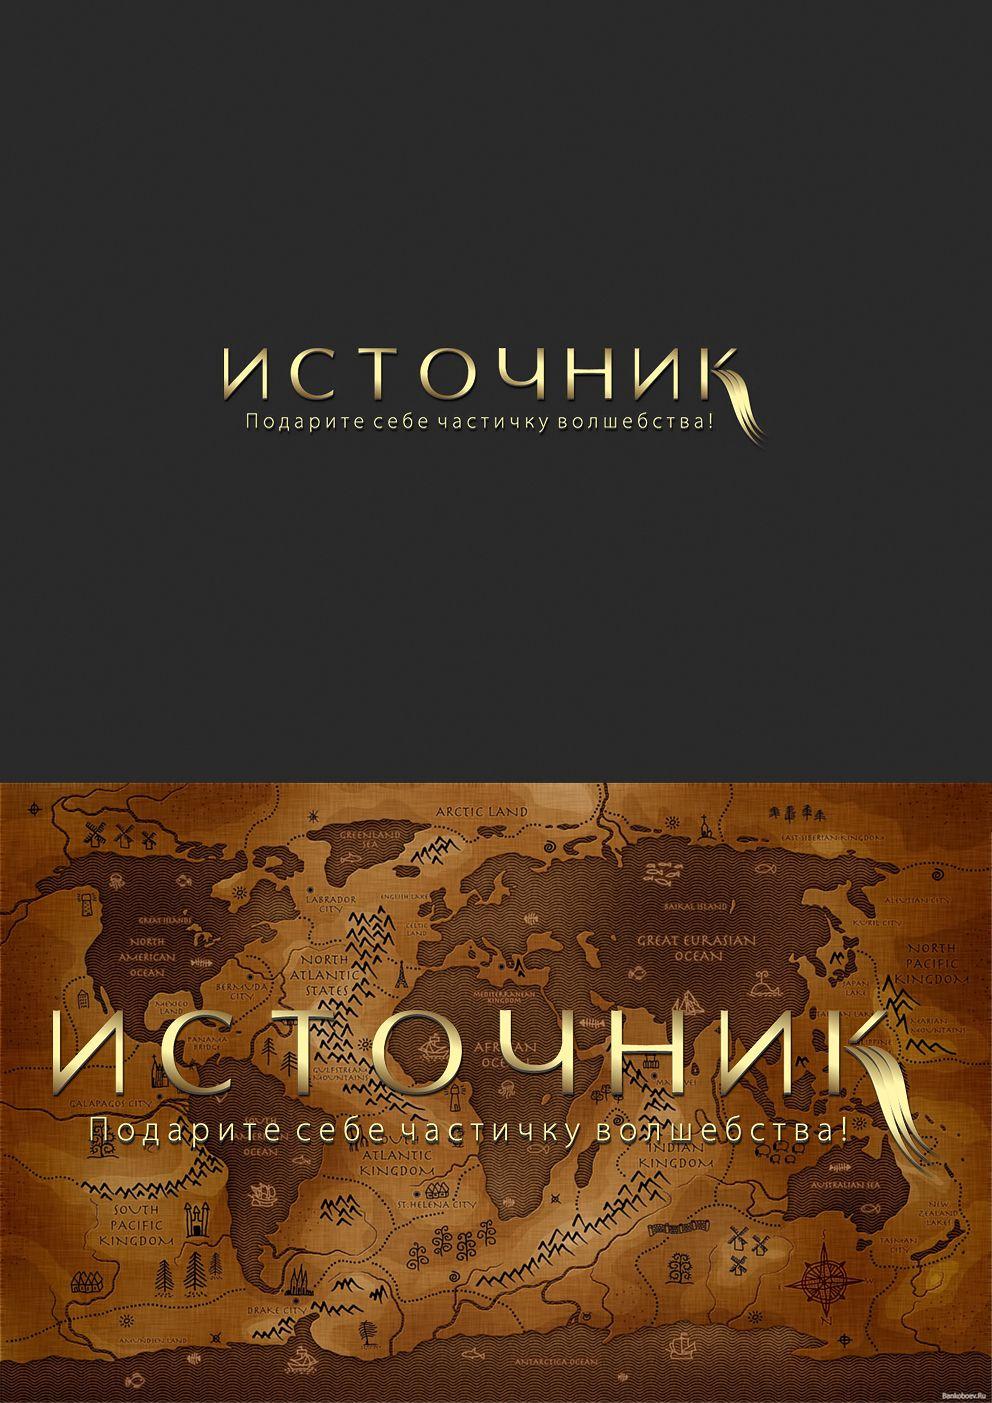 Логотип для магазина Украшений из Фильмов - дизайнер Belonzo925